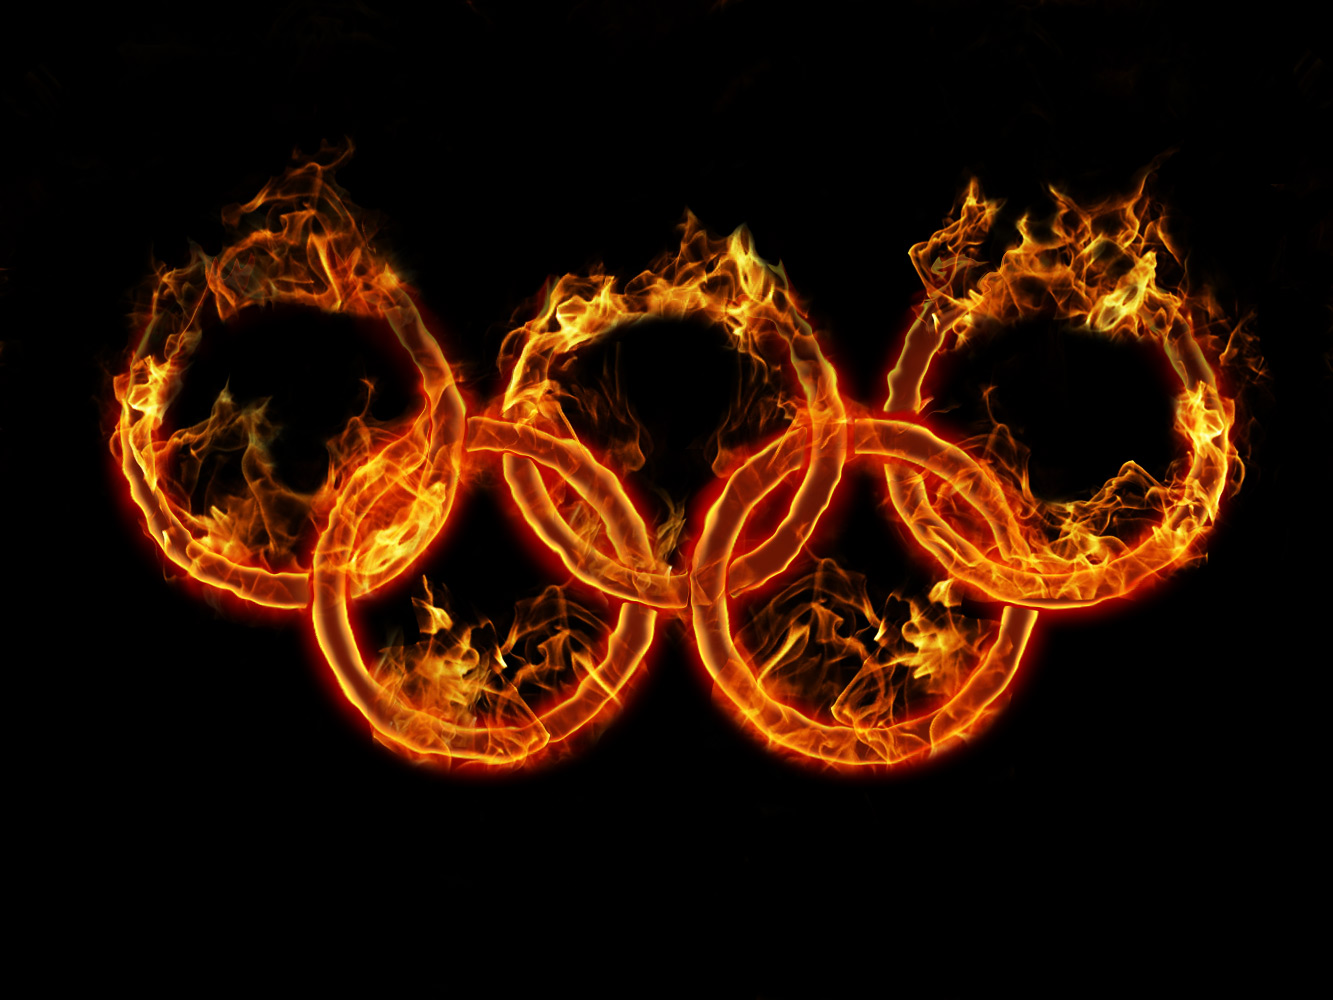 1 – Olympijské hry 1980 byly ve znamení bojkotu